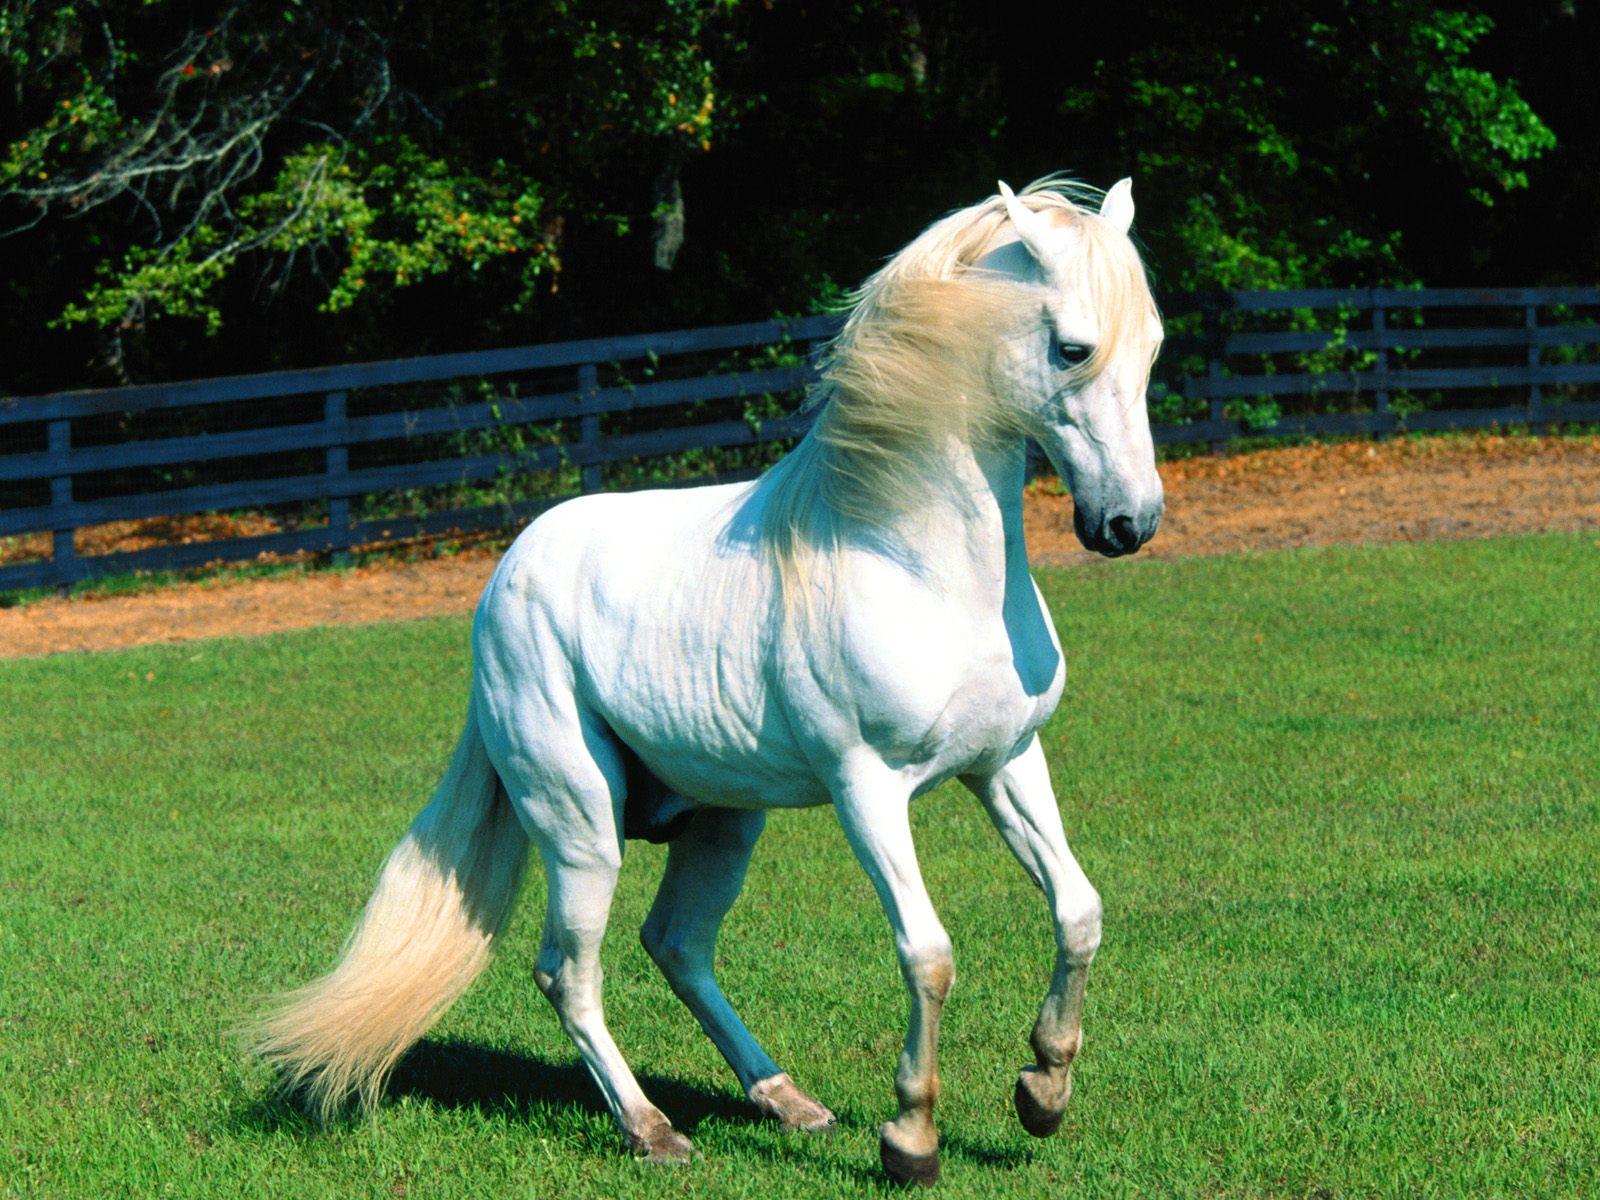 Simple Wallpaper Horse Lightning - the-best-top-desktop-horse-wallpapers-3  Photograph_838995.jpg